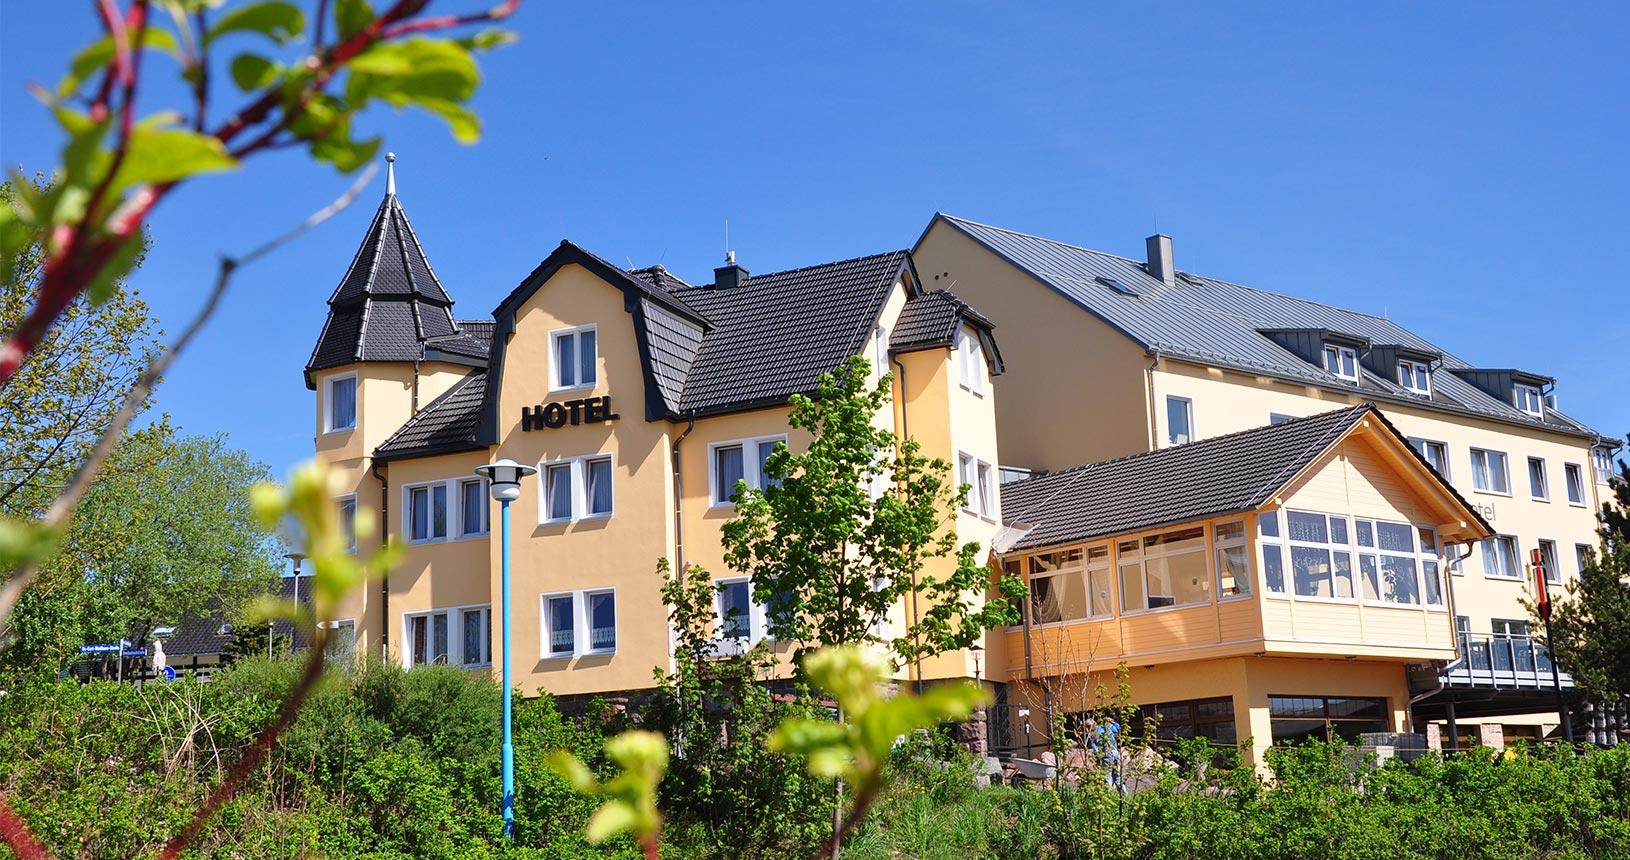 Schlossberghotel Oberhof Ansicht von aussen im Sommer